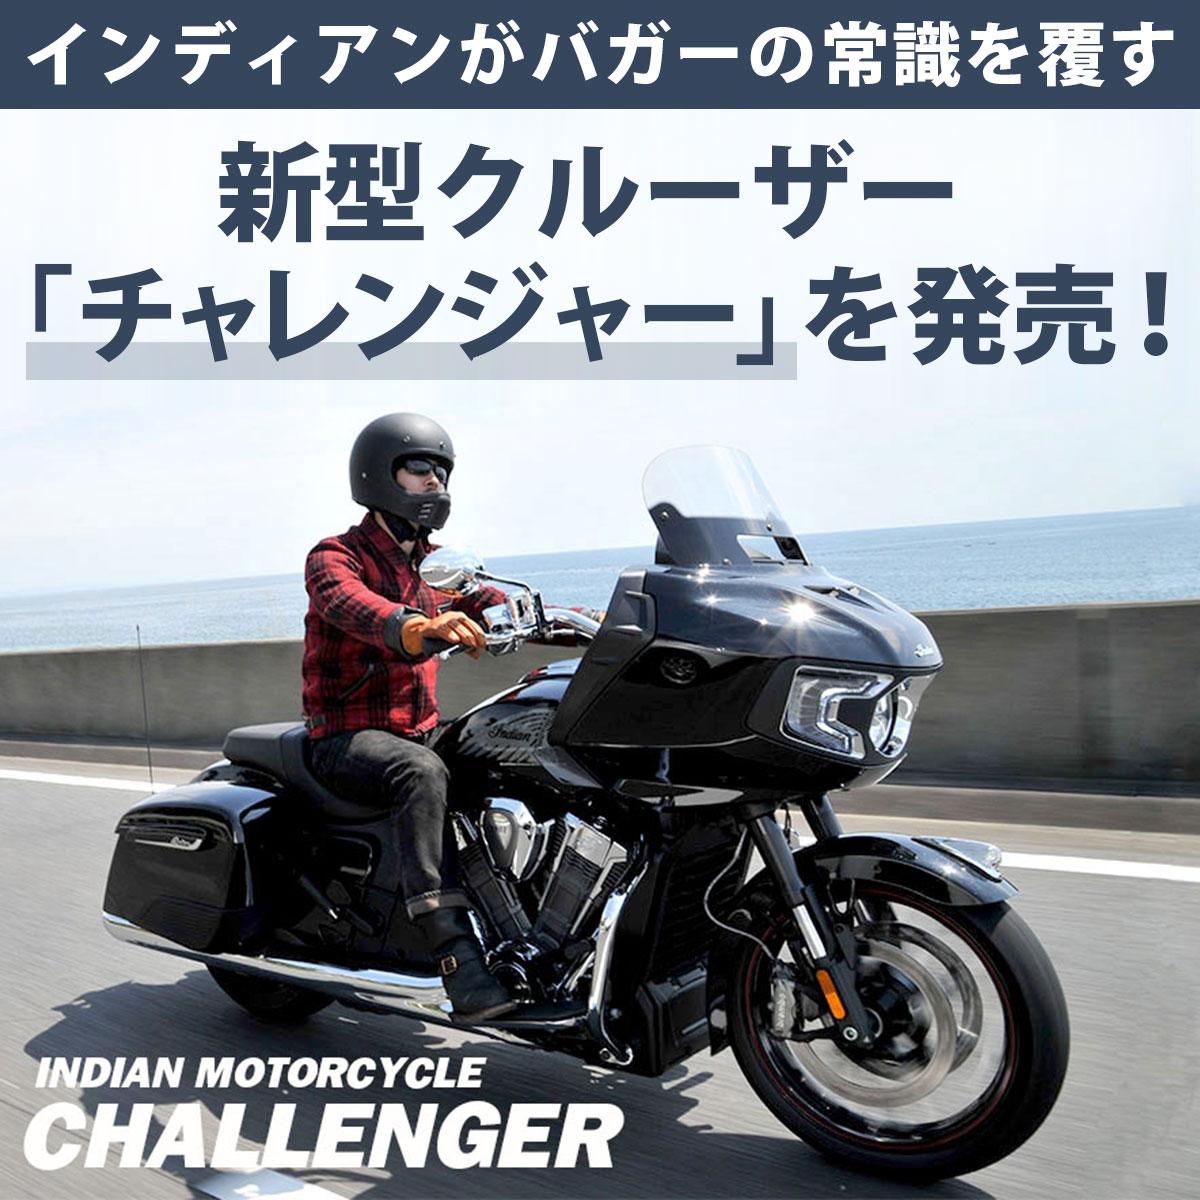 インディアンがバガーの常識を覆す新型クルーザー「チャレンジャー」を発売!